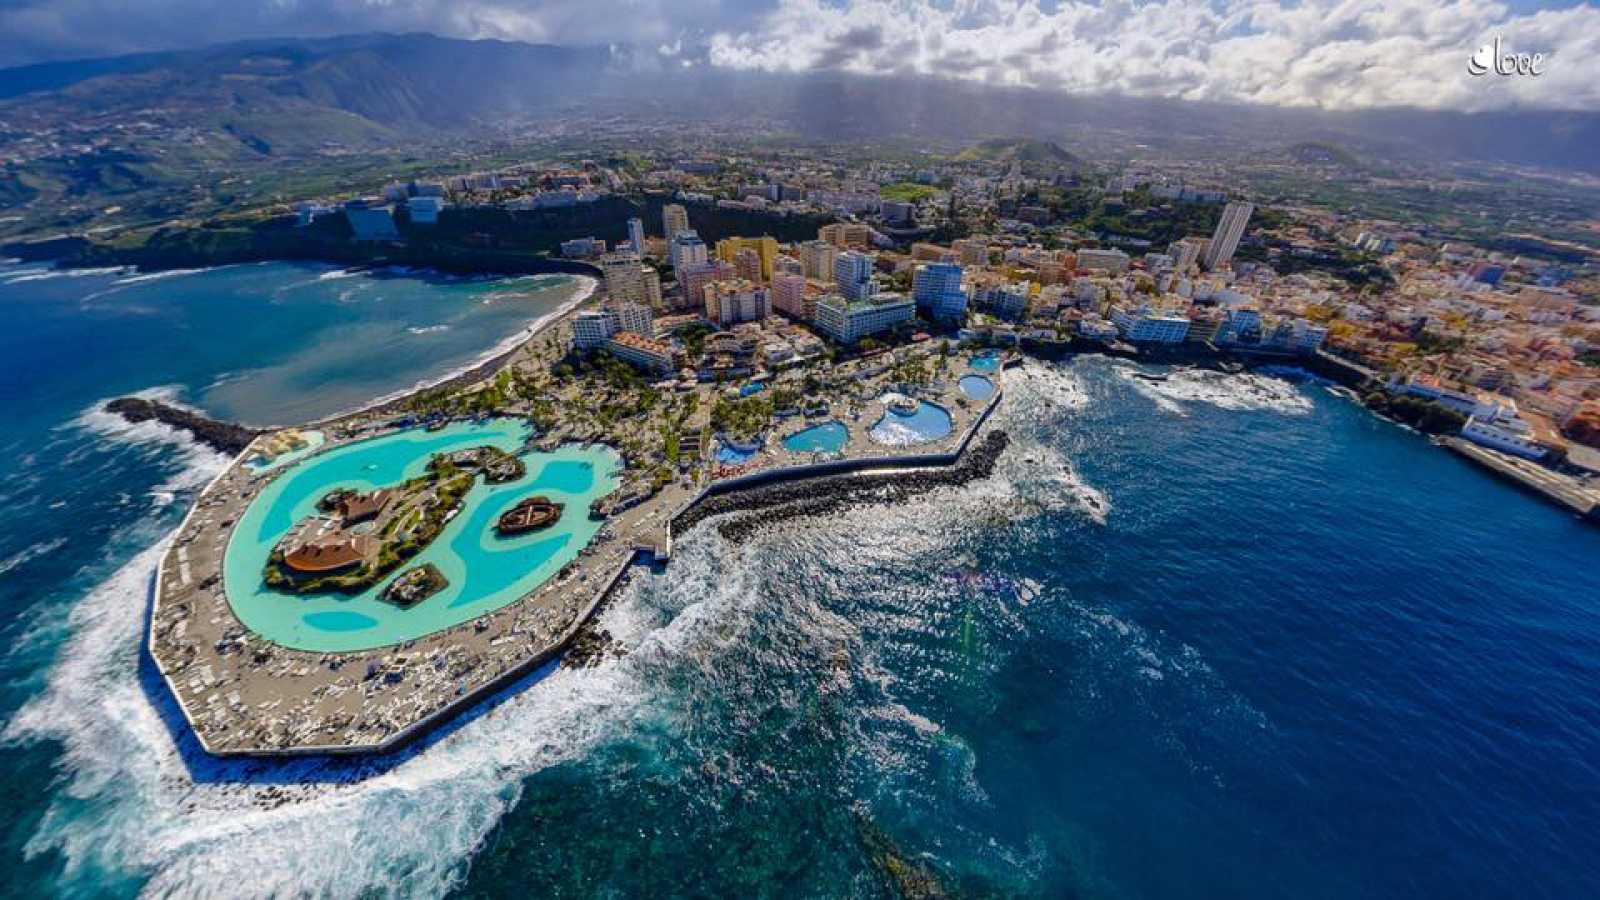 Turismo en comunidad - Tenerife desde el cielo - 13/10/18 - escuchar ahora